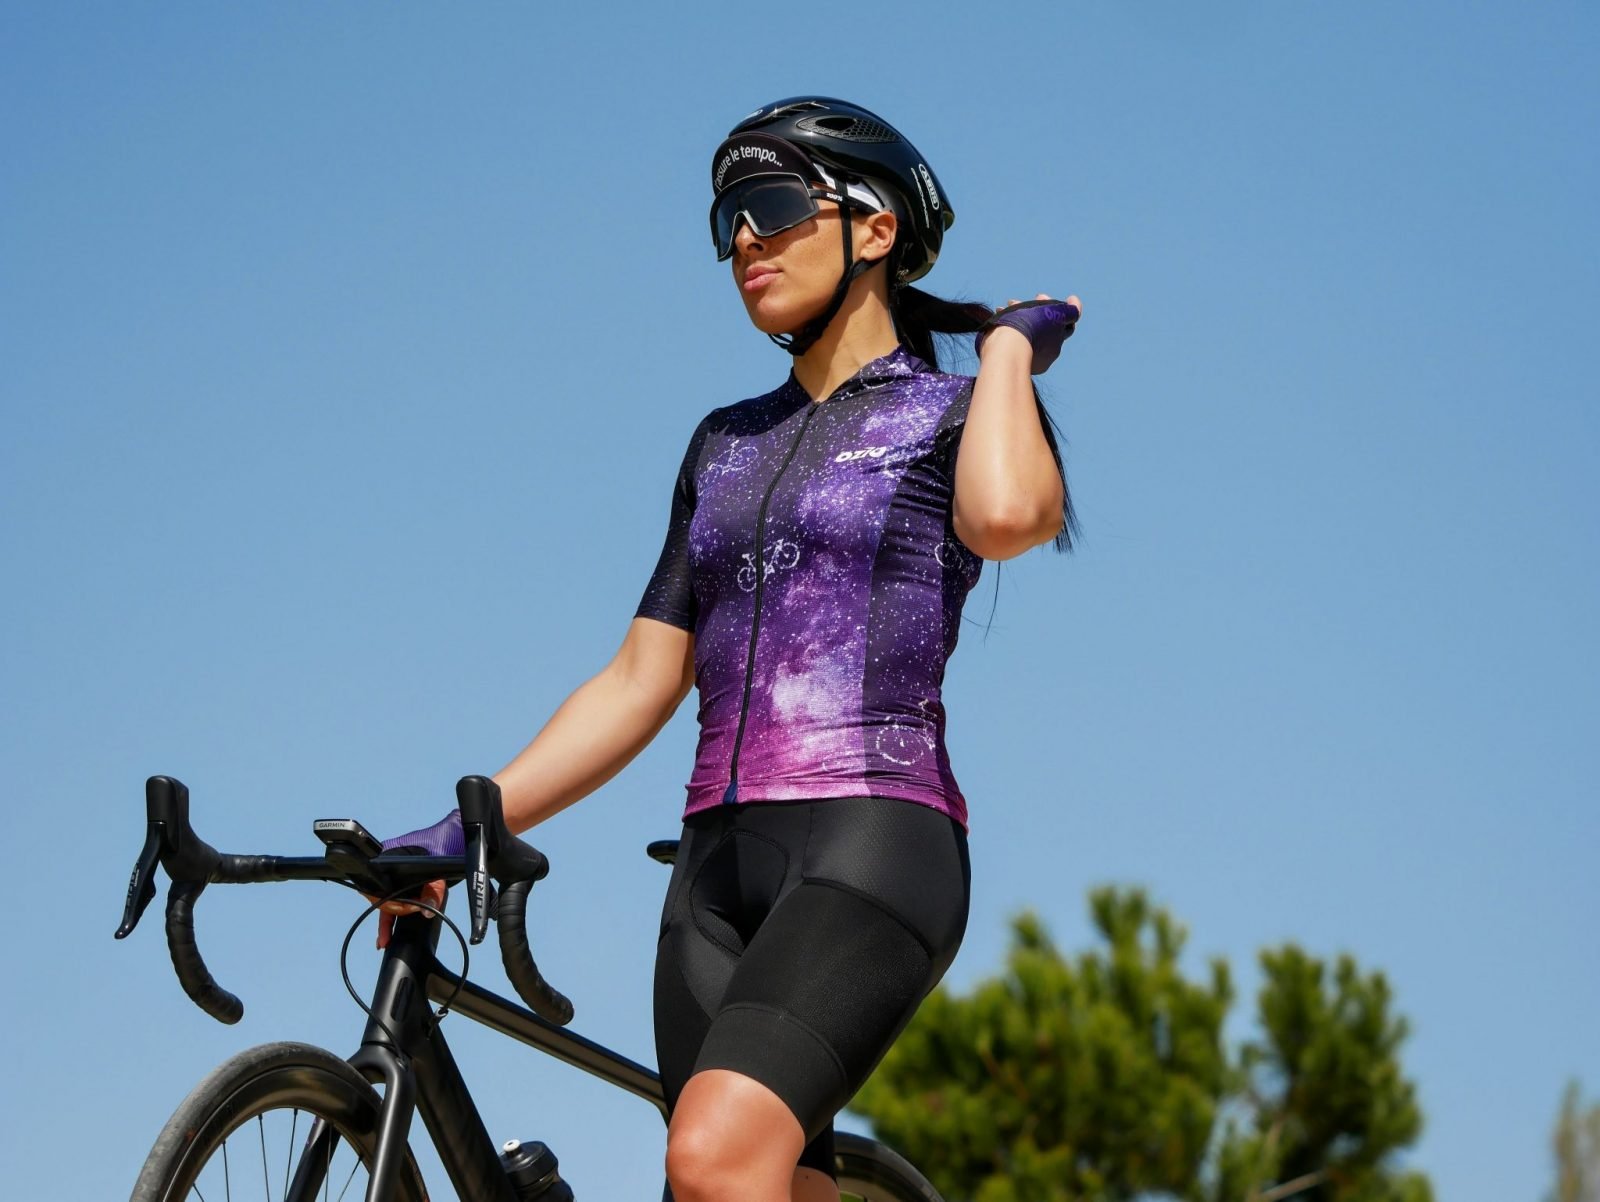 Maillot cycliste été original femme cuissard sans bretelles